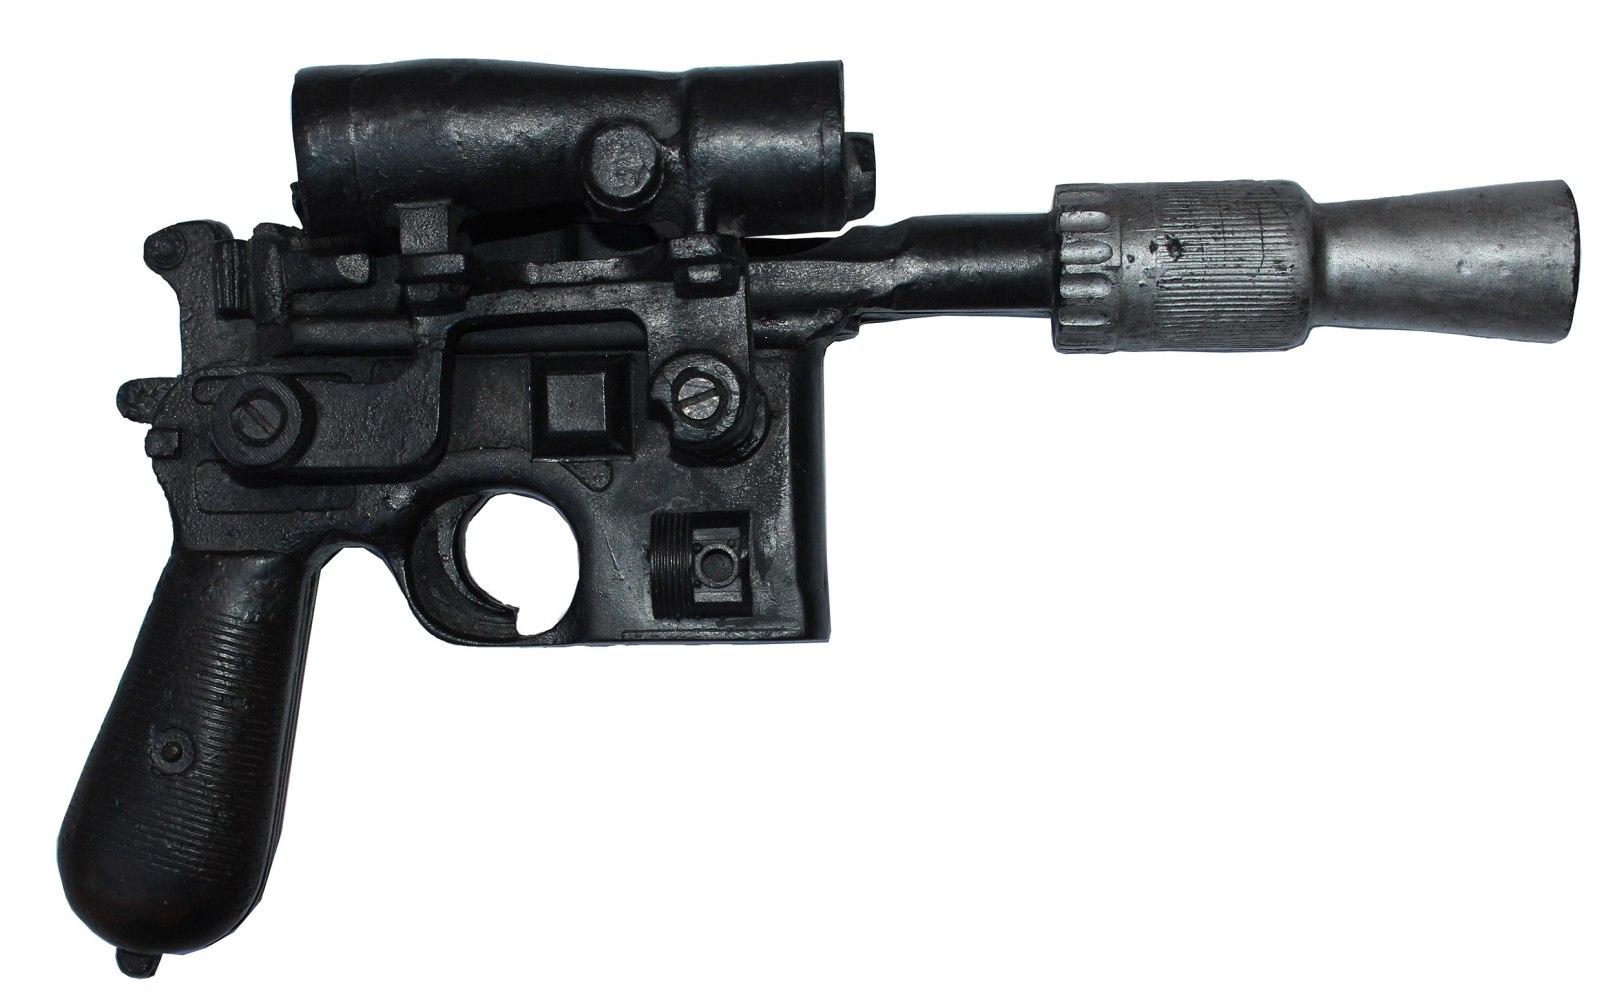 luke skywalker 39 s 39 star wars 39 blaster goes up for auction. Black Bedroom Furniture Sets. Home Design Ideas